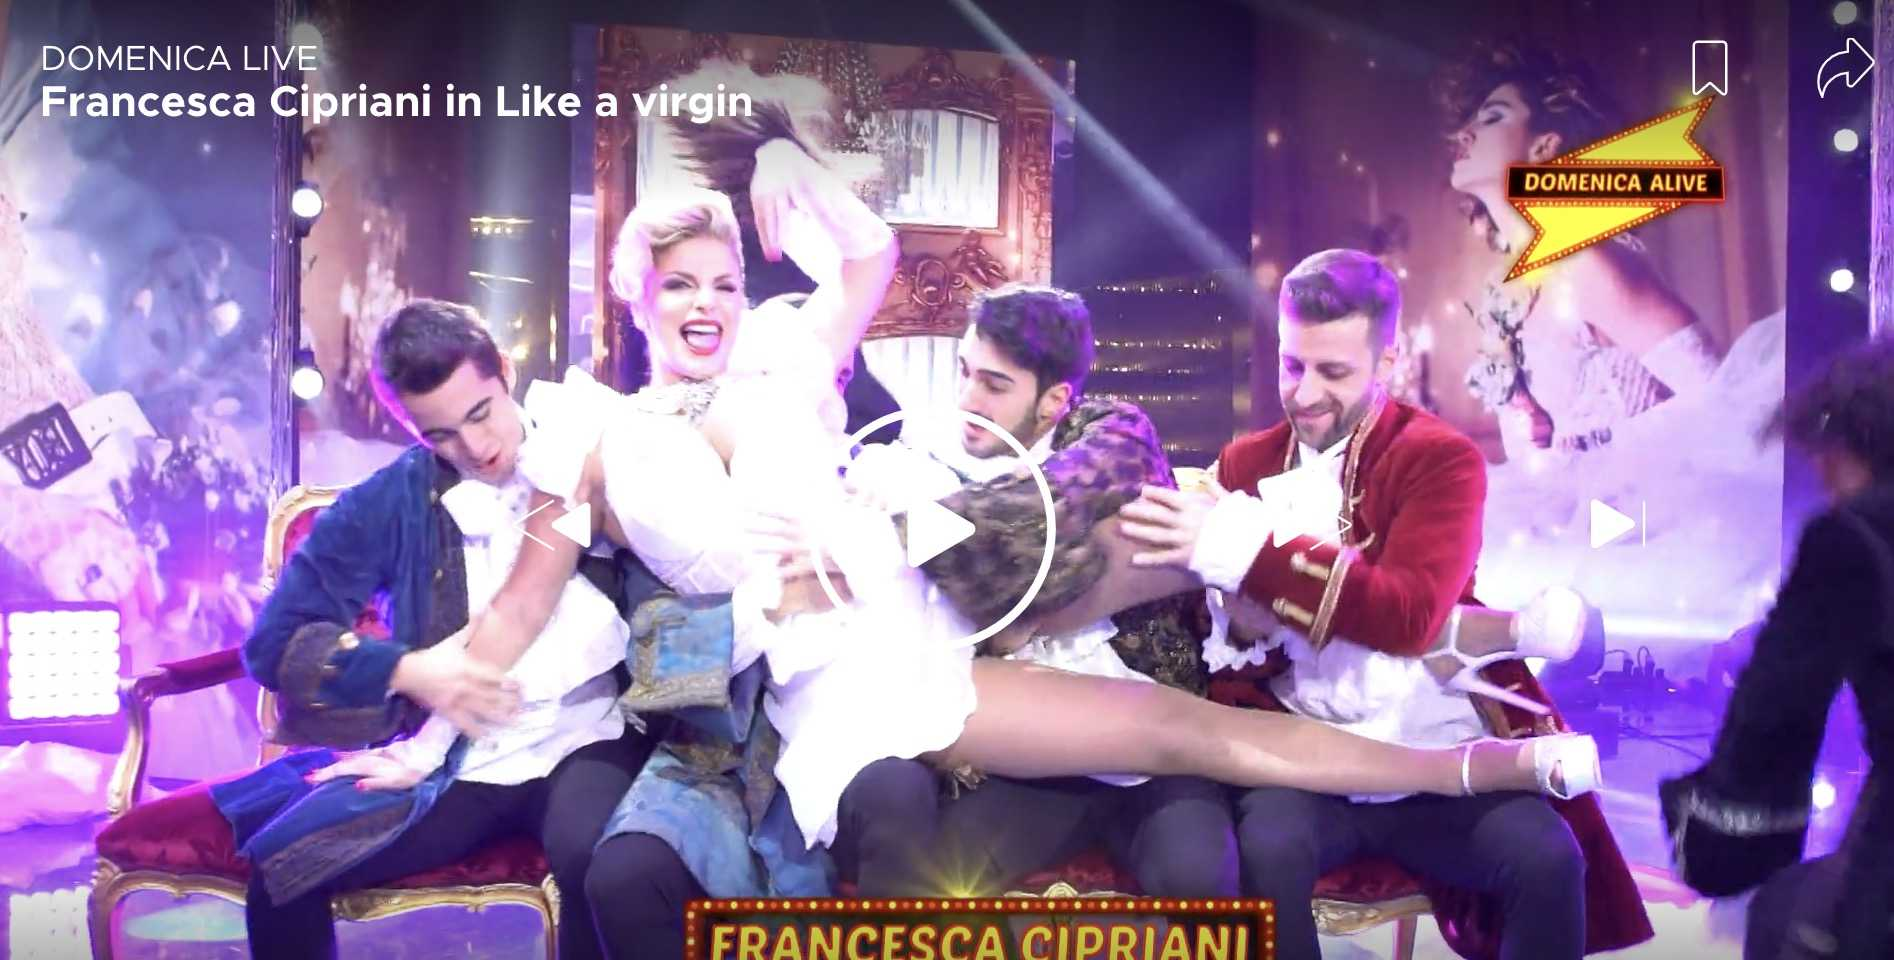 Francesca Cipriani Madonna Domenica Alive